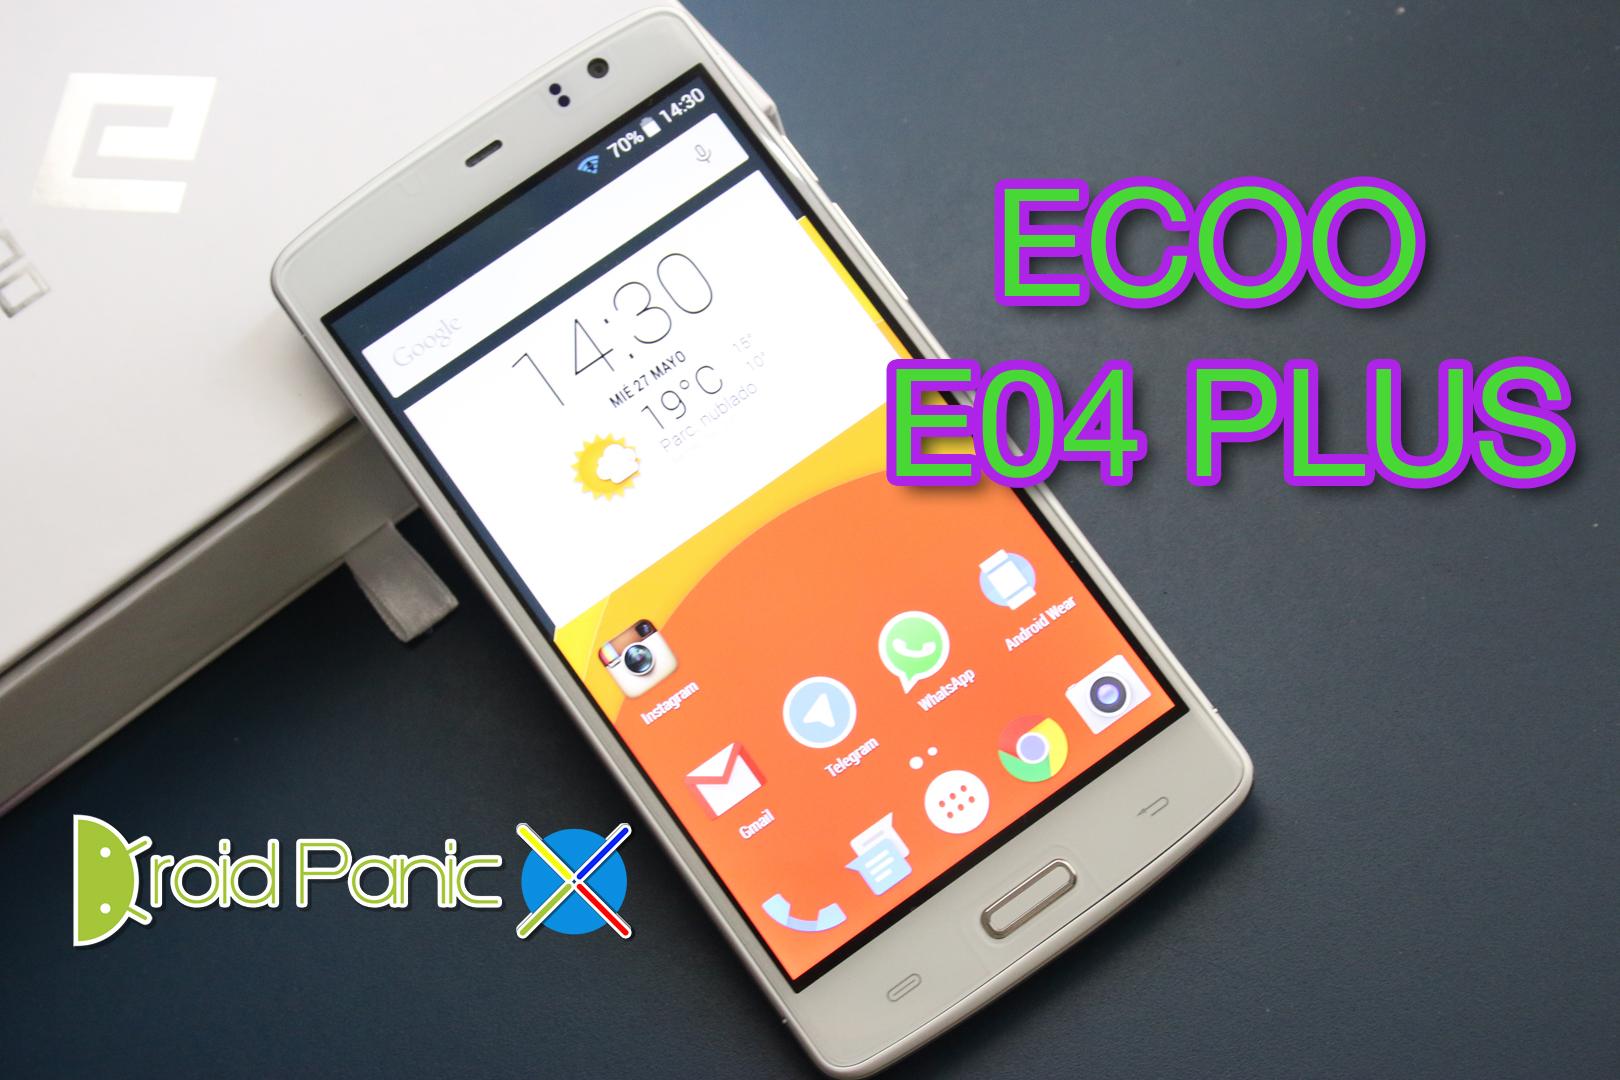 Ecoo E04 Plus de 3GB de RAM al descubierto en nuestras manos